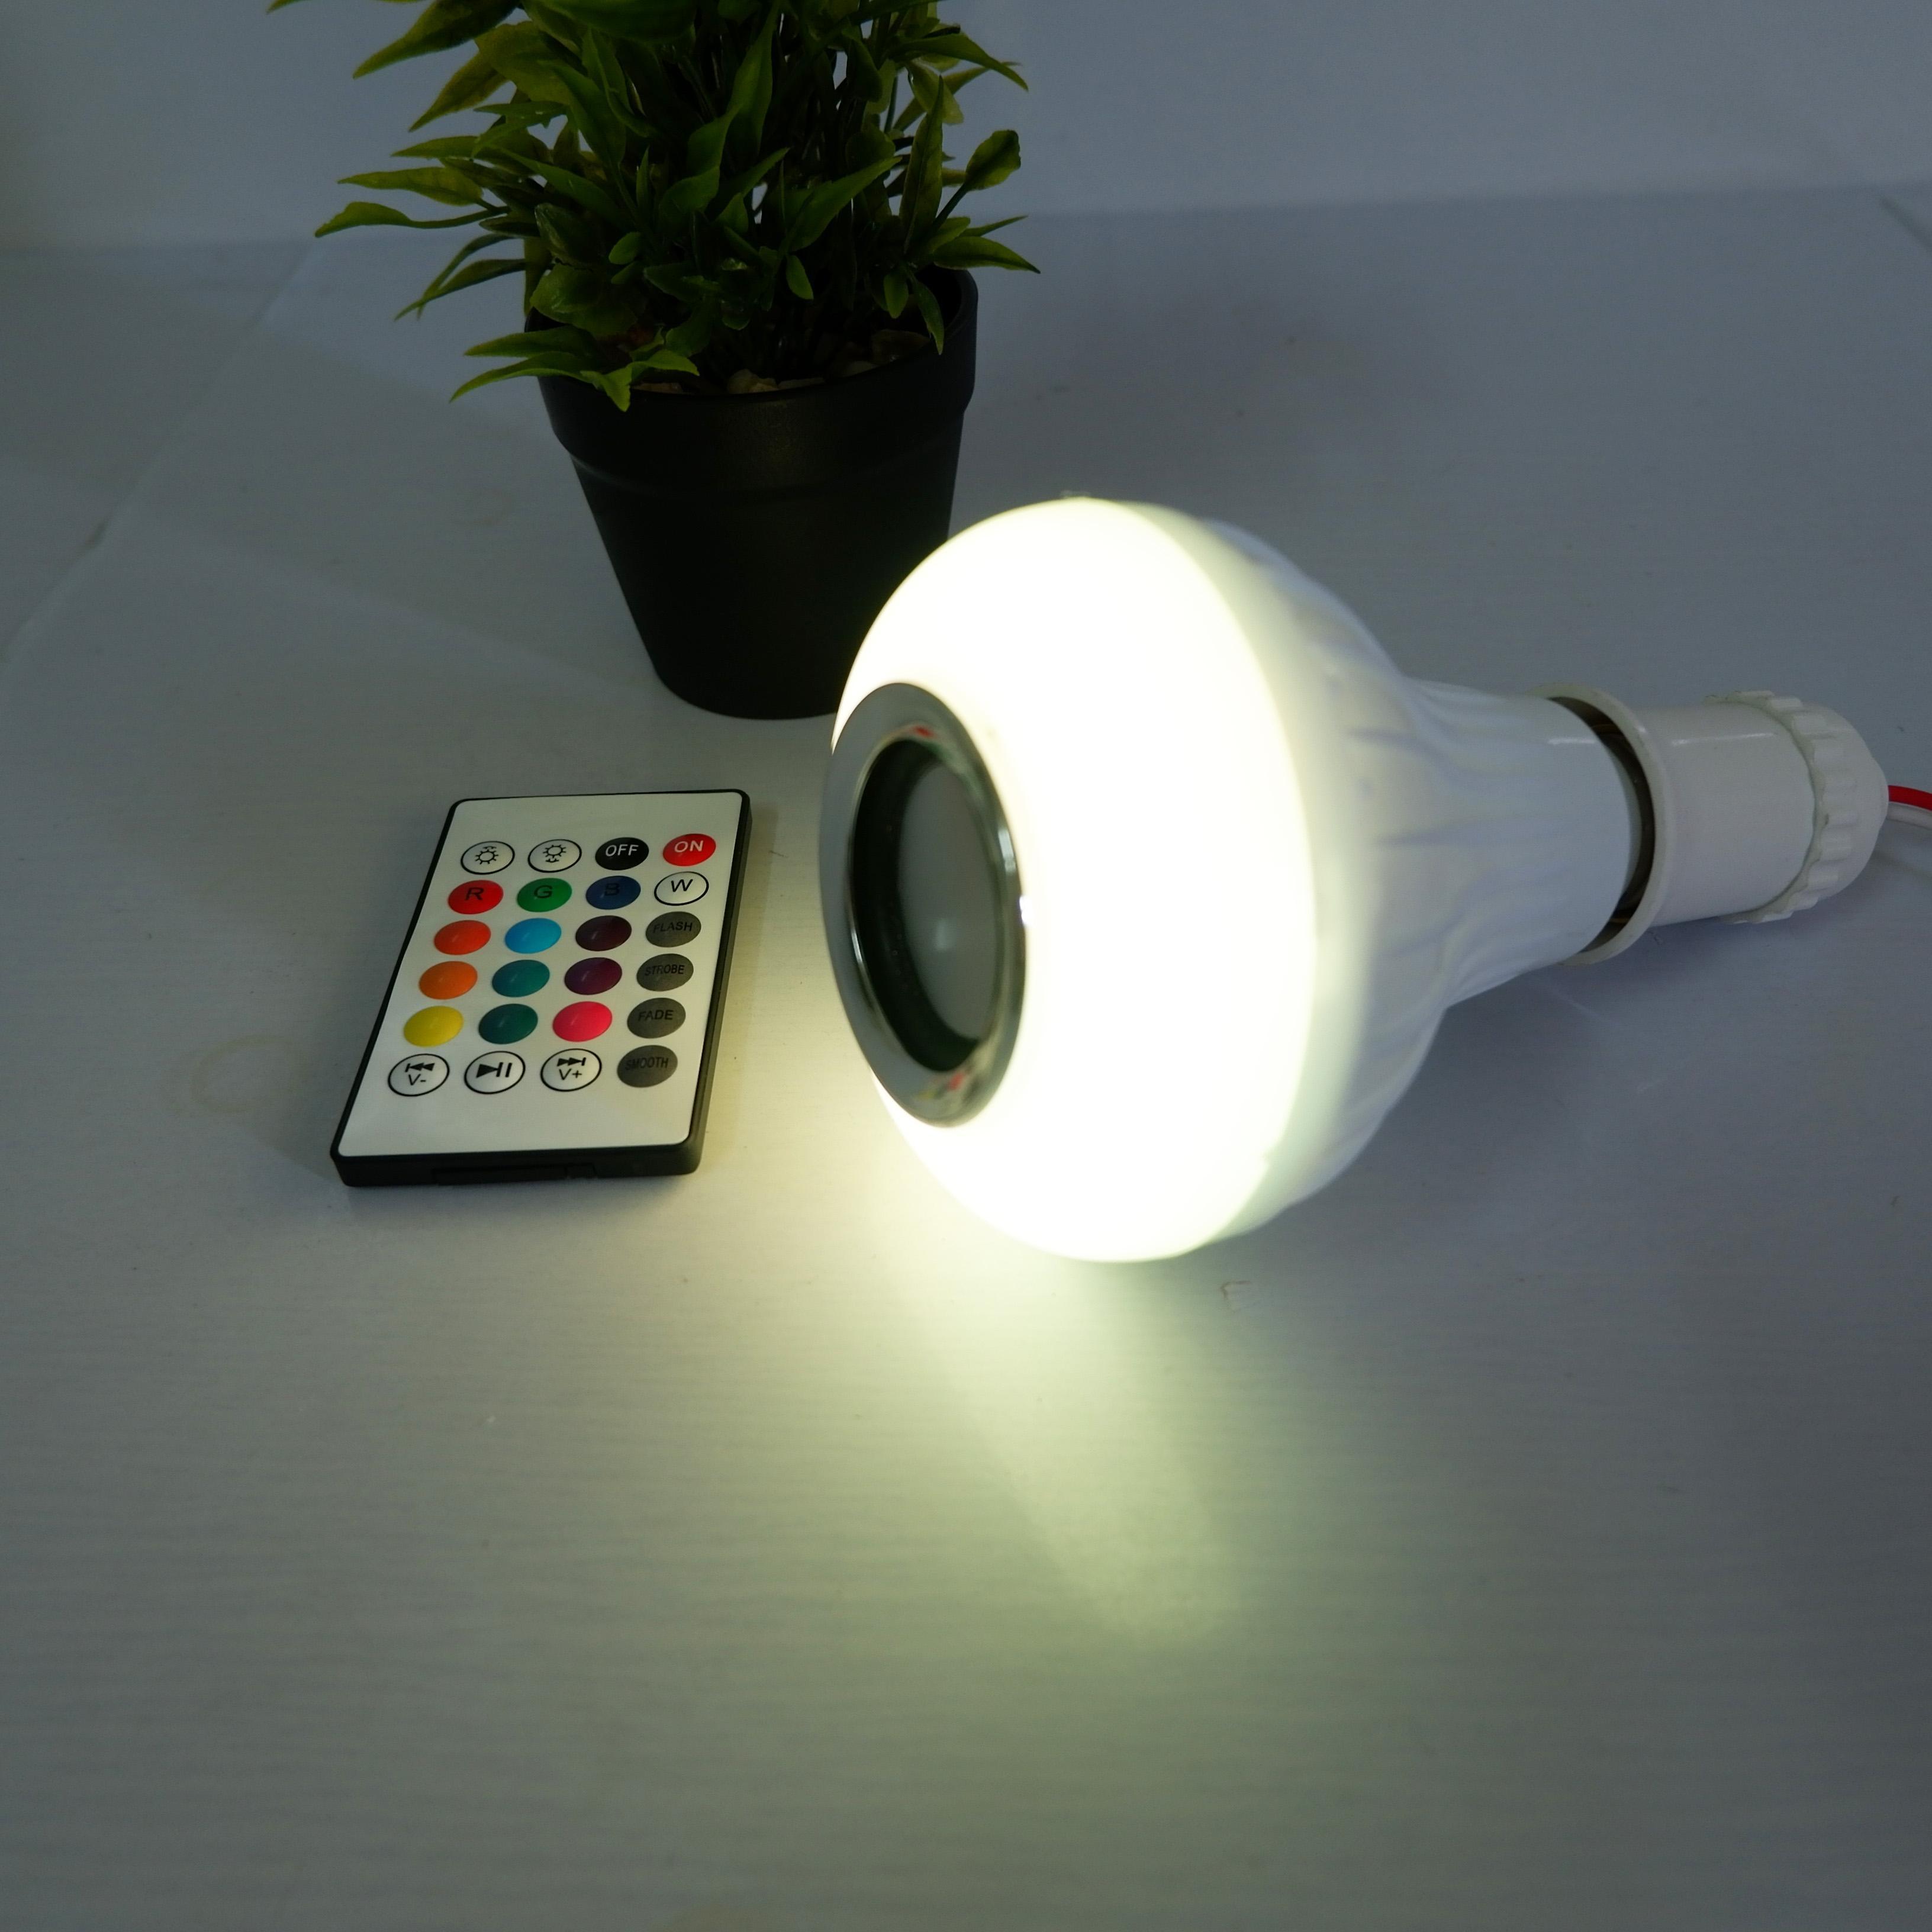 Bóng Đèn LED Thông Minh Phát Nhạc Điều Khiển Bằng Bluetooth Có Kèm Điểu Khiển - Tặng Kèm Bóng Đèn LED Hình Chai Ngẫu Nhiên